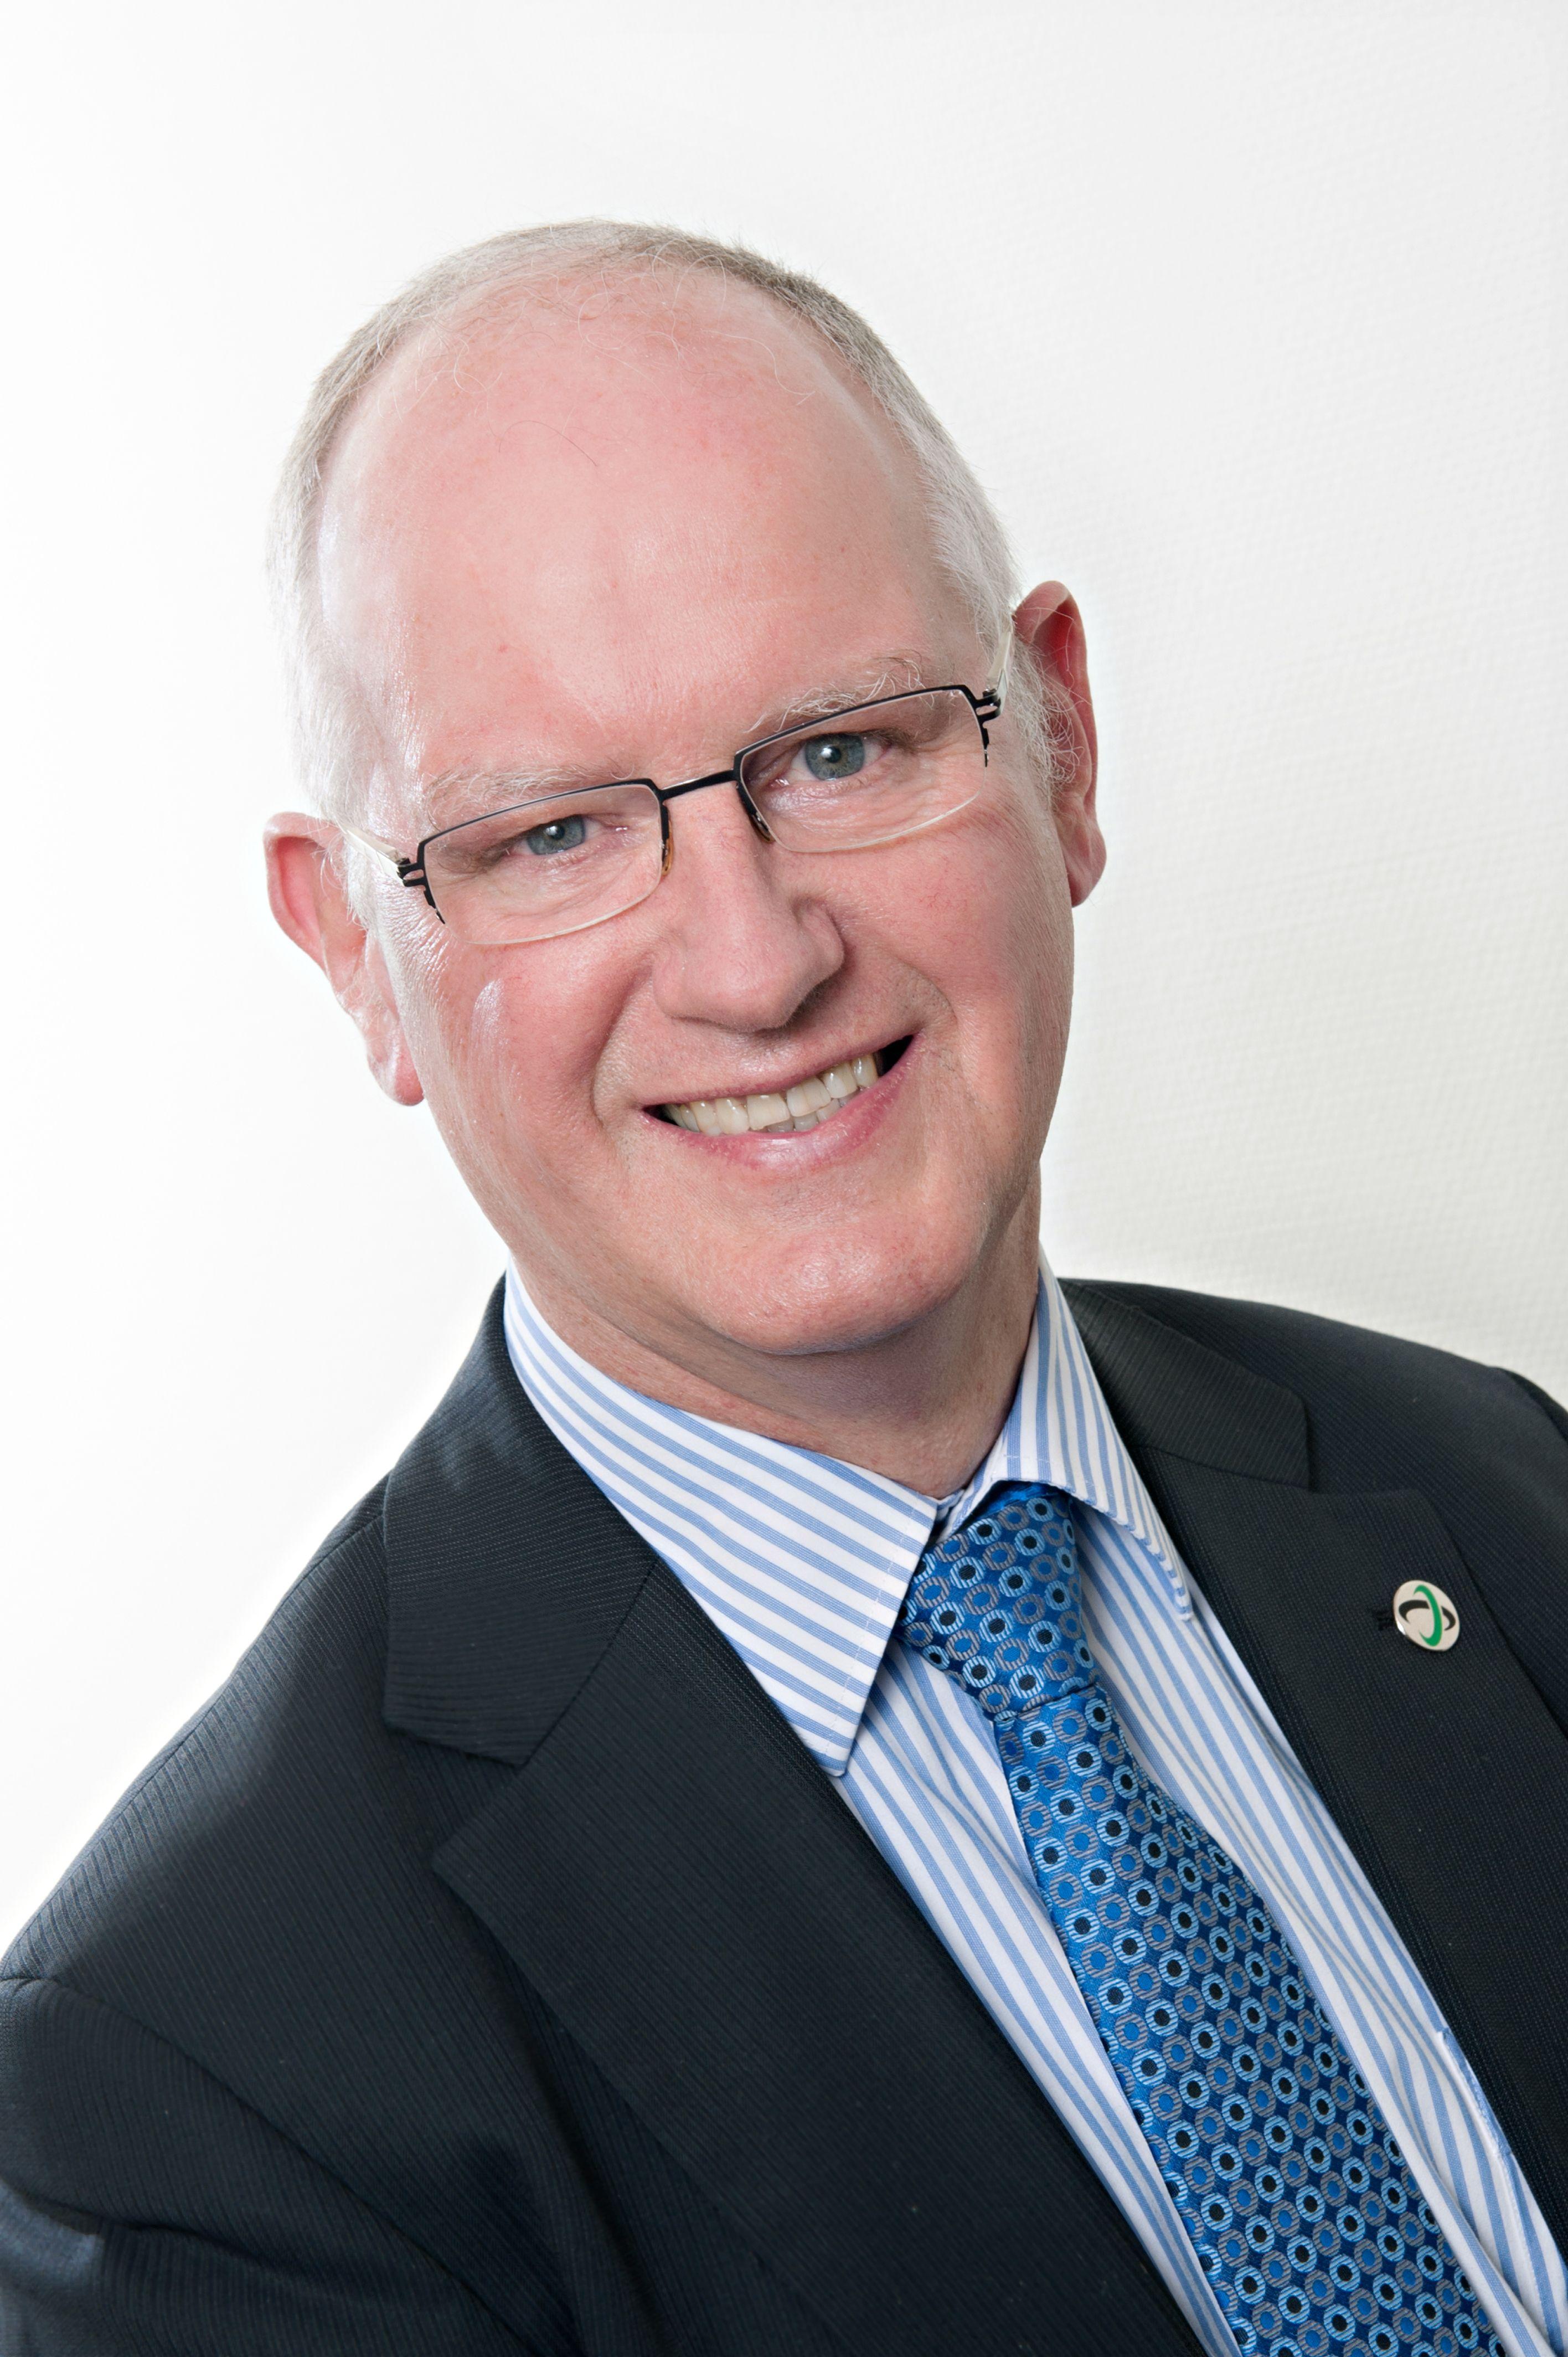 Erik Rodenbach